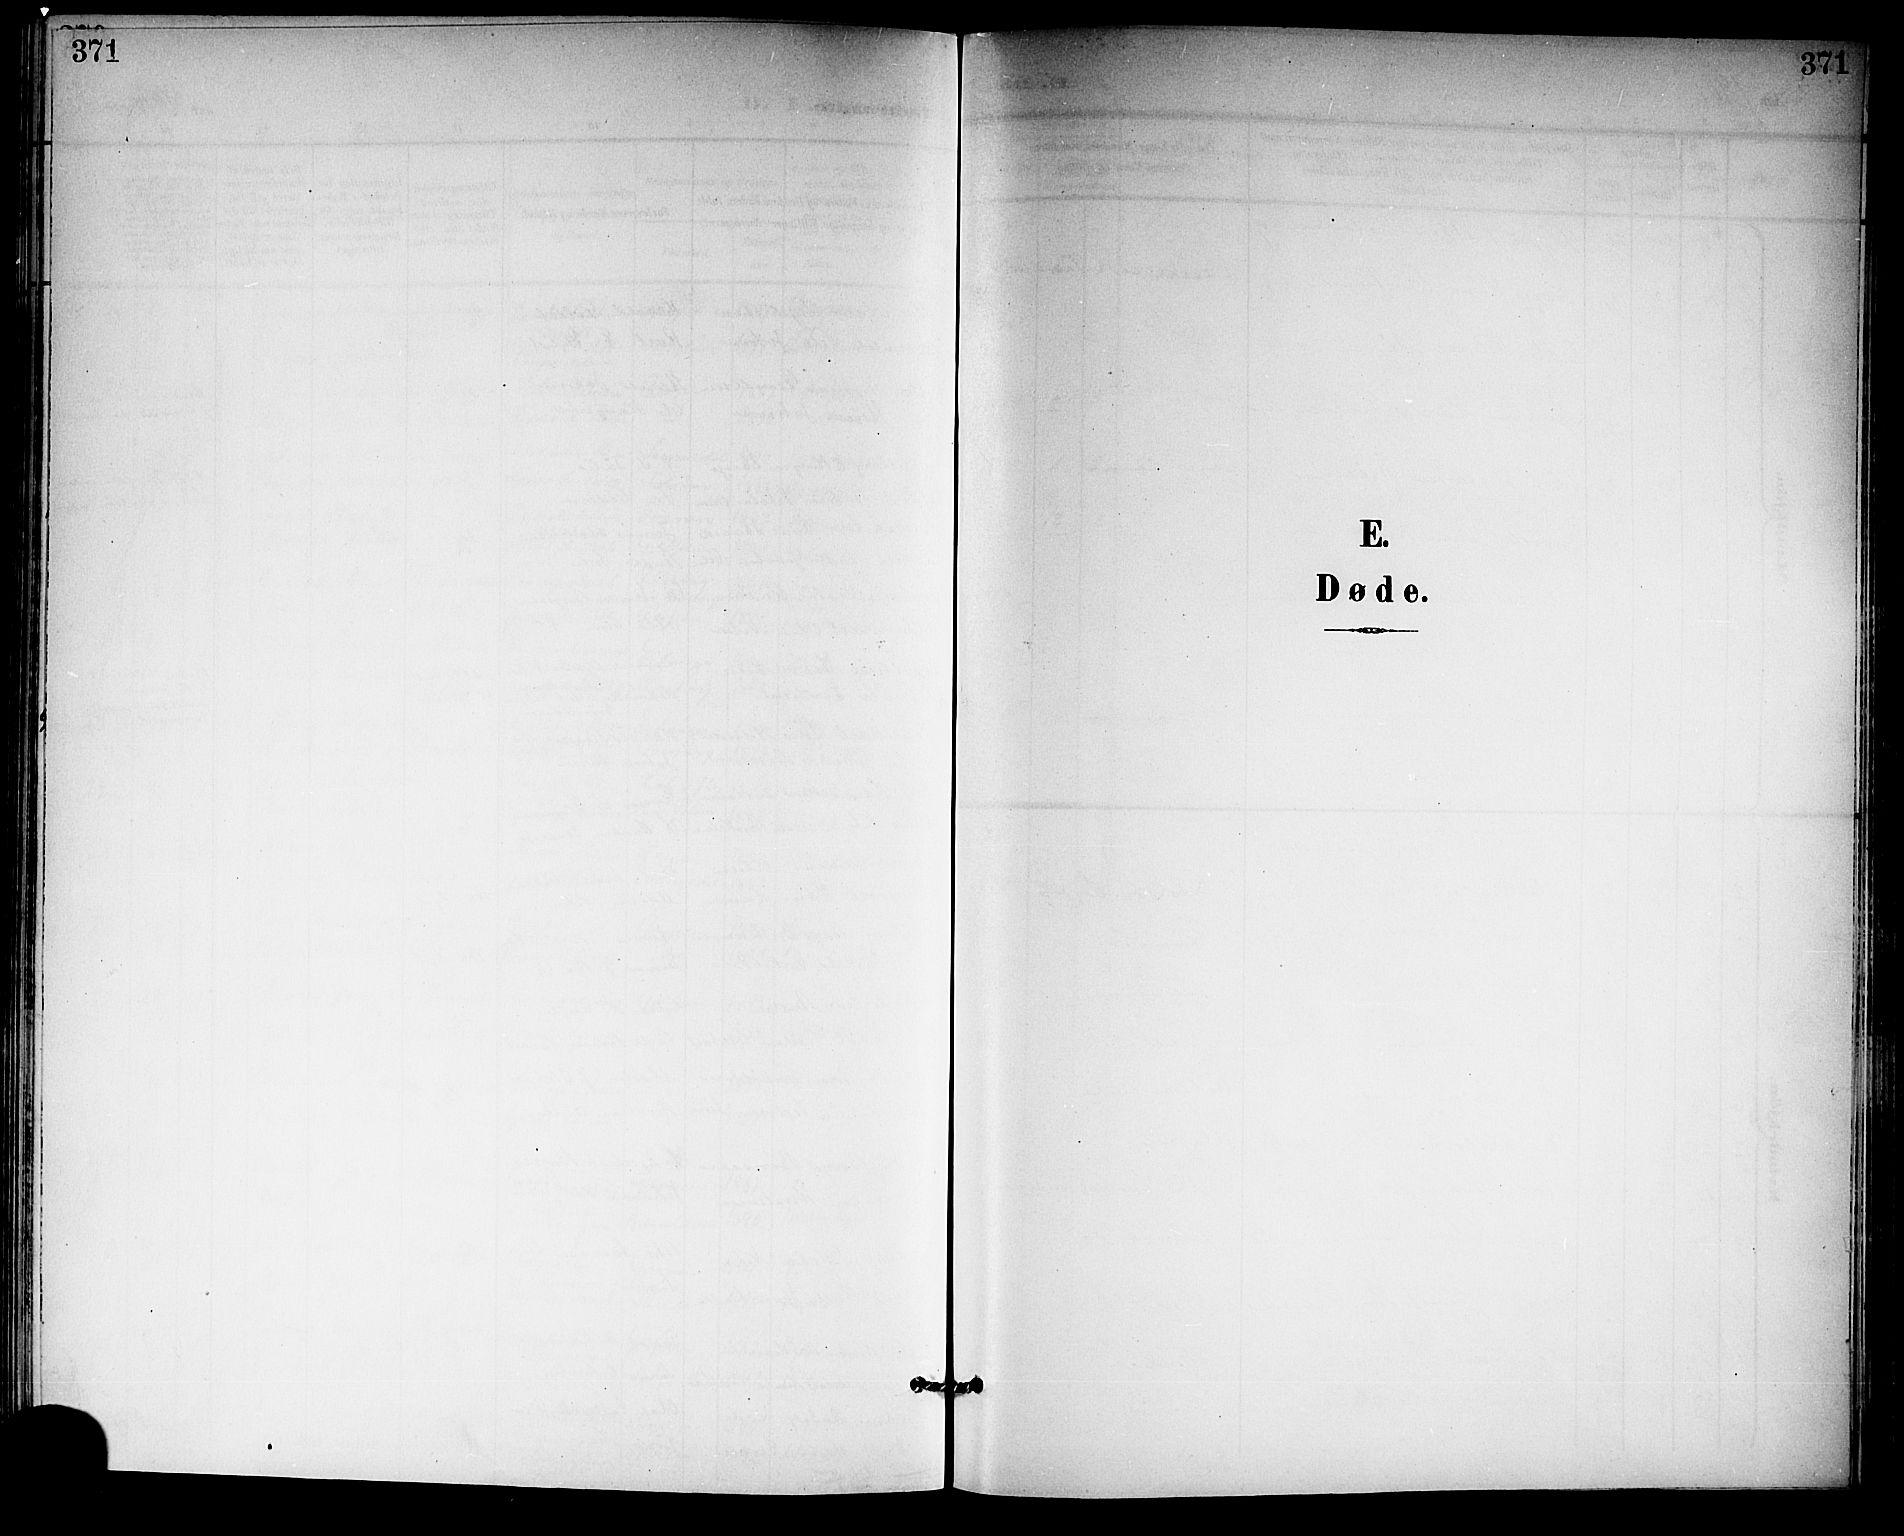 SAKO, Gjerpen kirkebøker, G/Ga/L0003: Klokkerbok nr. I 3, 1901-1919, s. 371